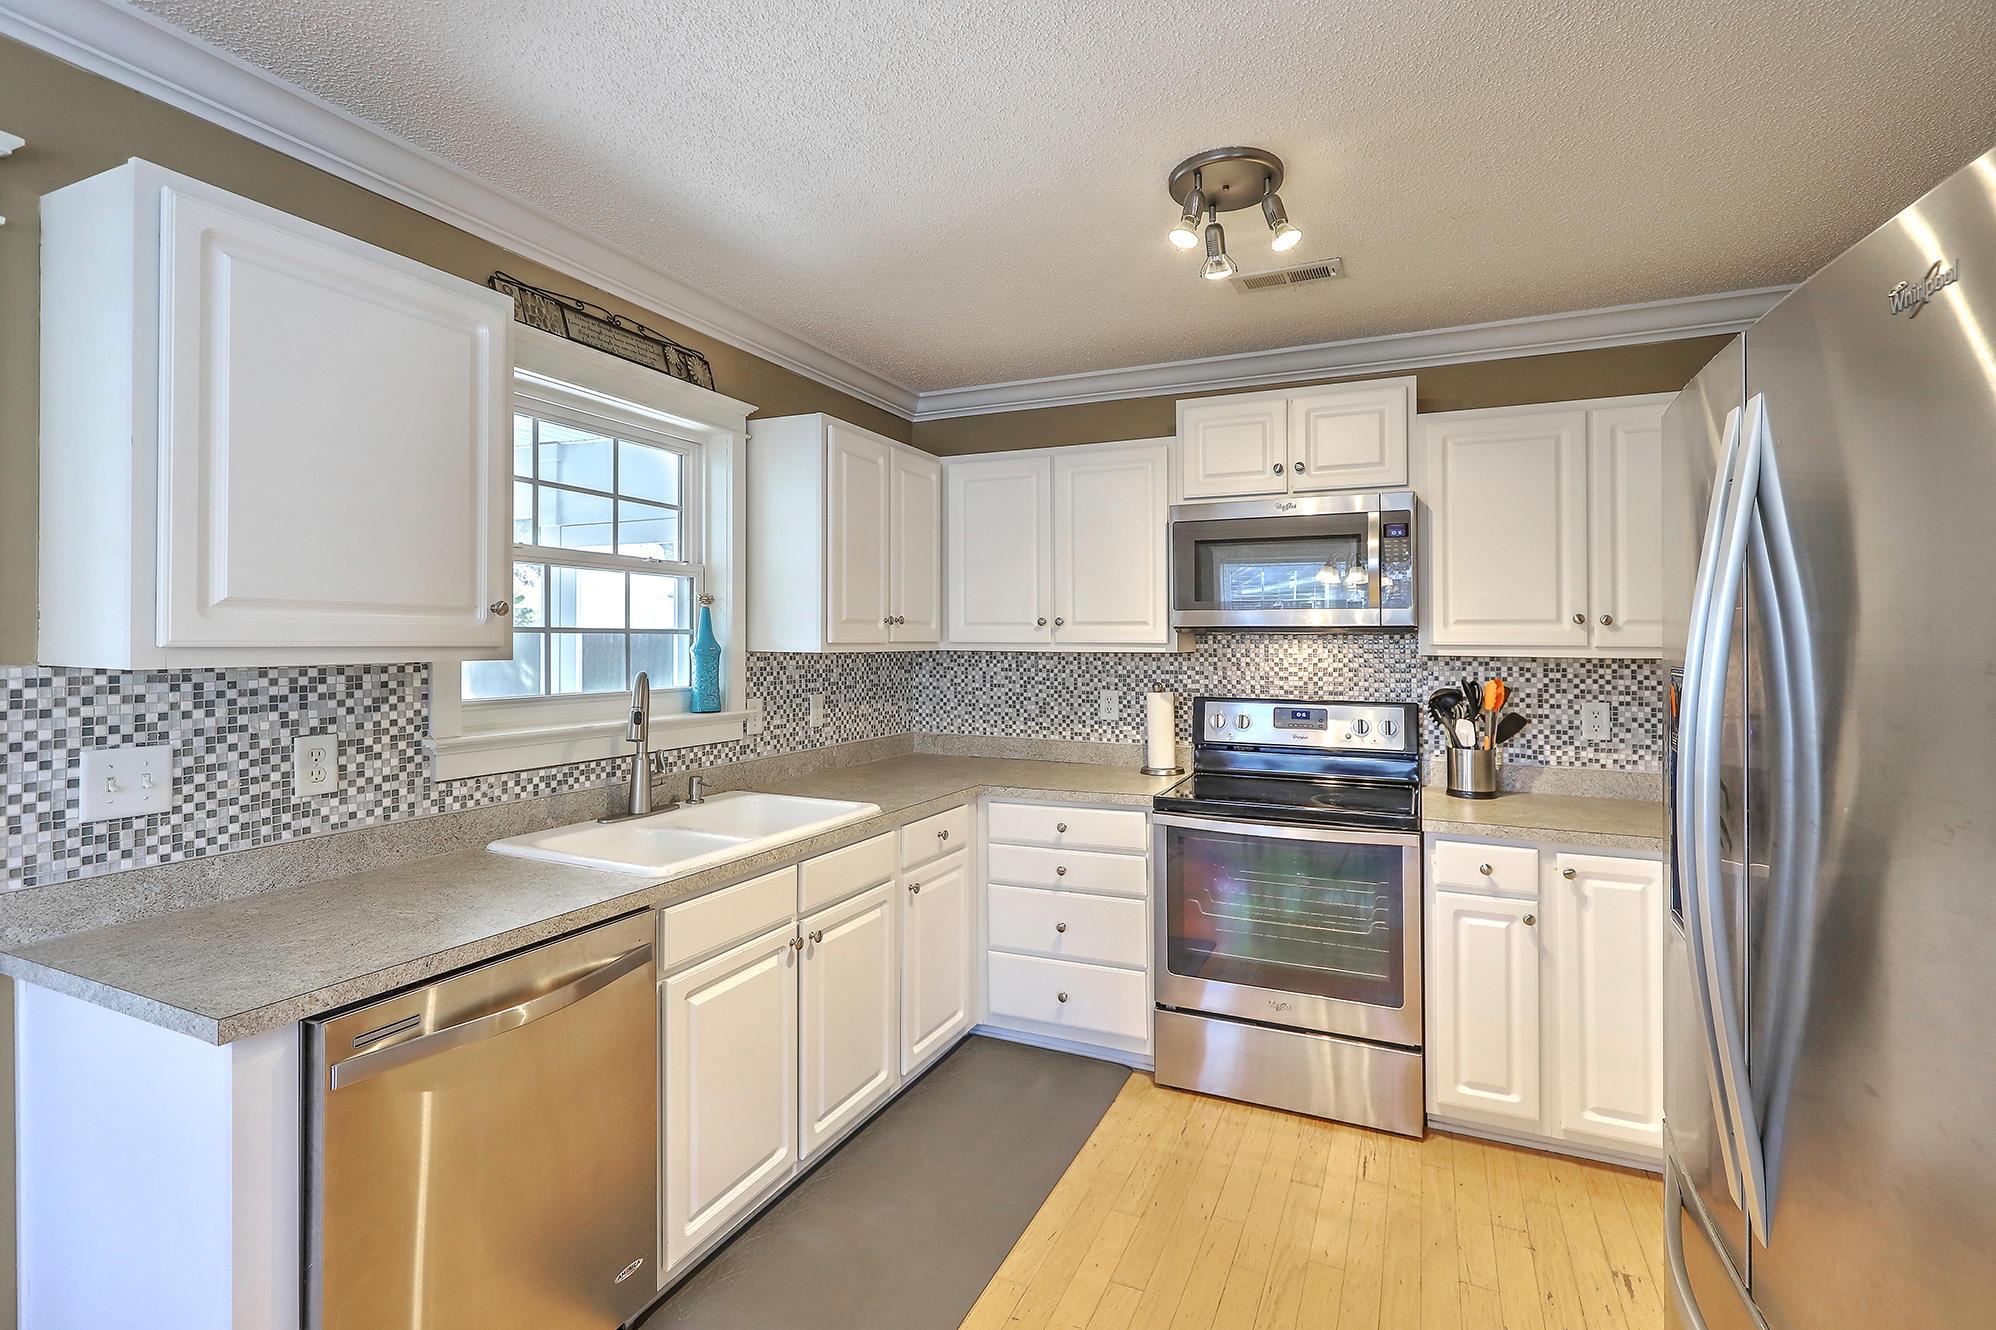 Lawton Harbor Homes For Sale - 559 Cecilia Cove, Charleston, SC - 8